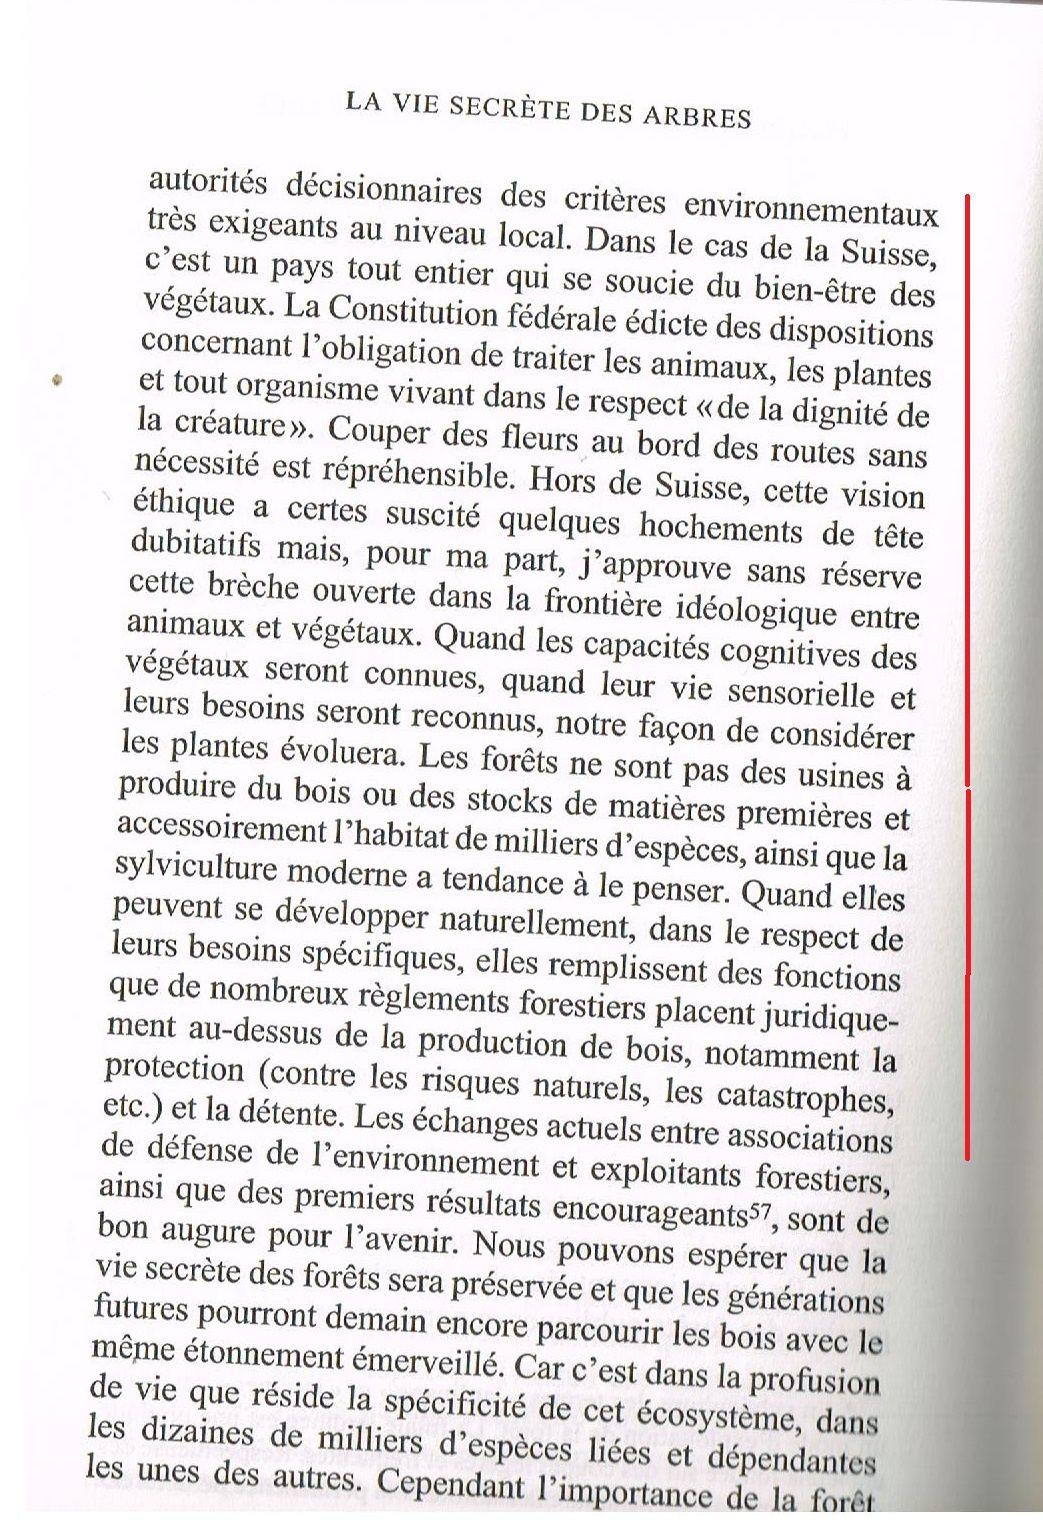 """Coupe rase aux Vaux de Cernay, dans le Bois domanial des Vindrins (Forêt """"de protection"""" de Rambouillet)"""